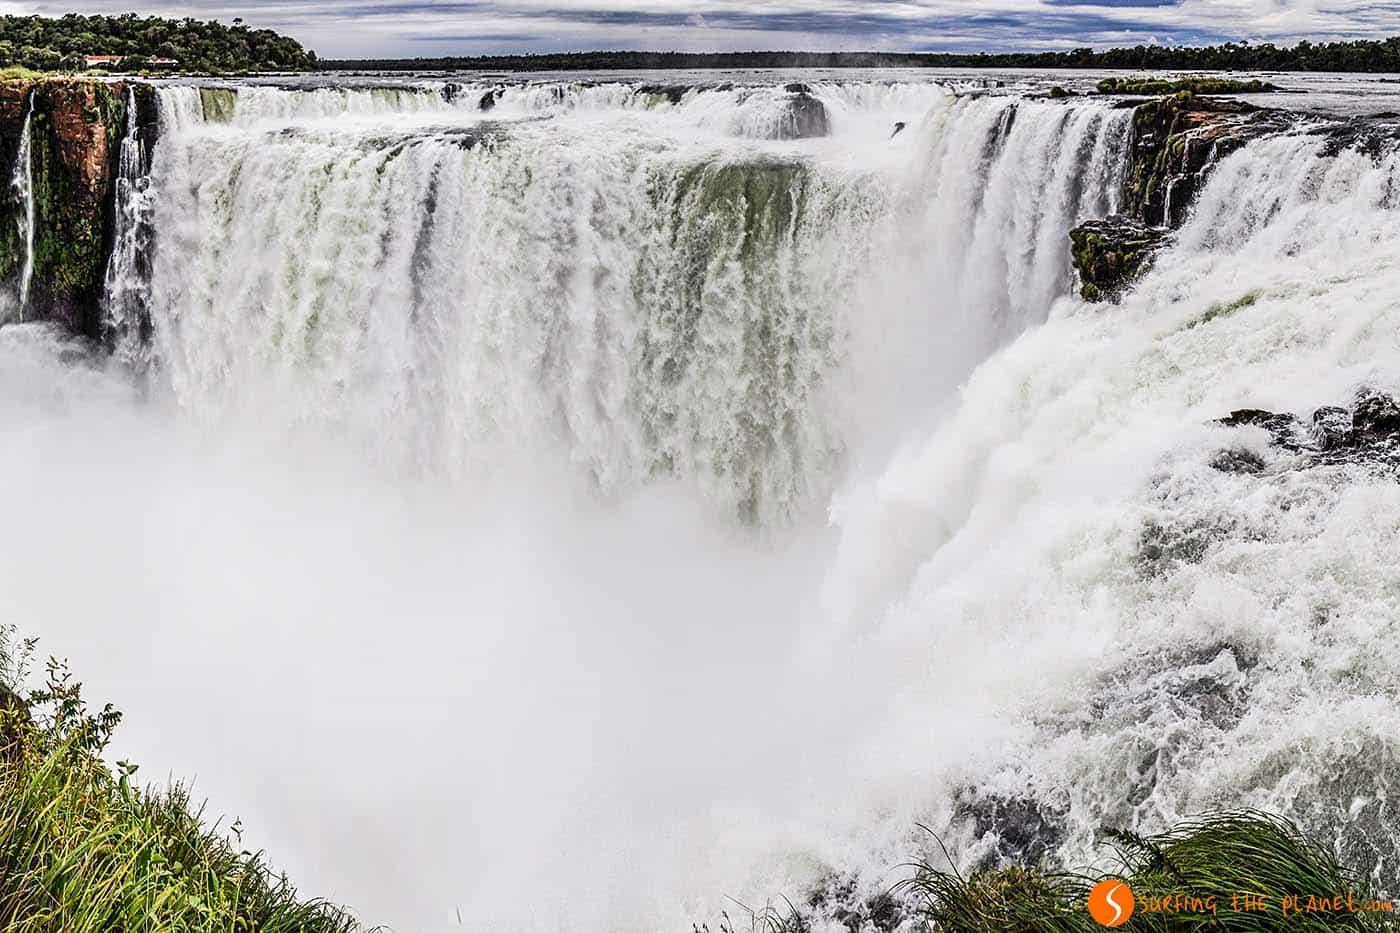 Garganta del Diablo - Qué ver en Iguazú Argentina